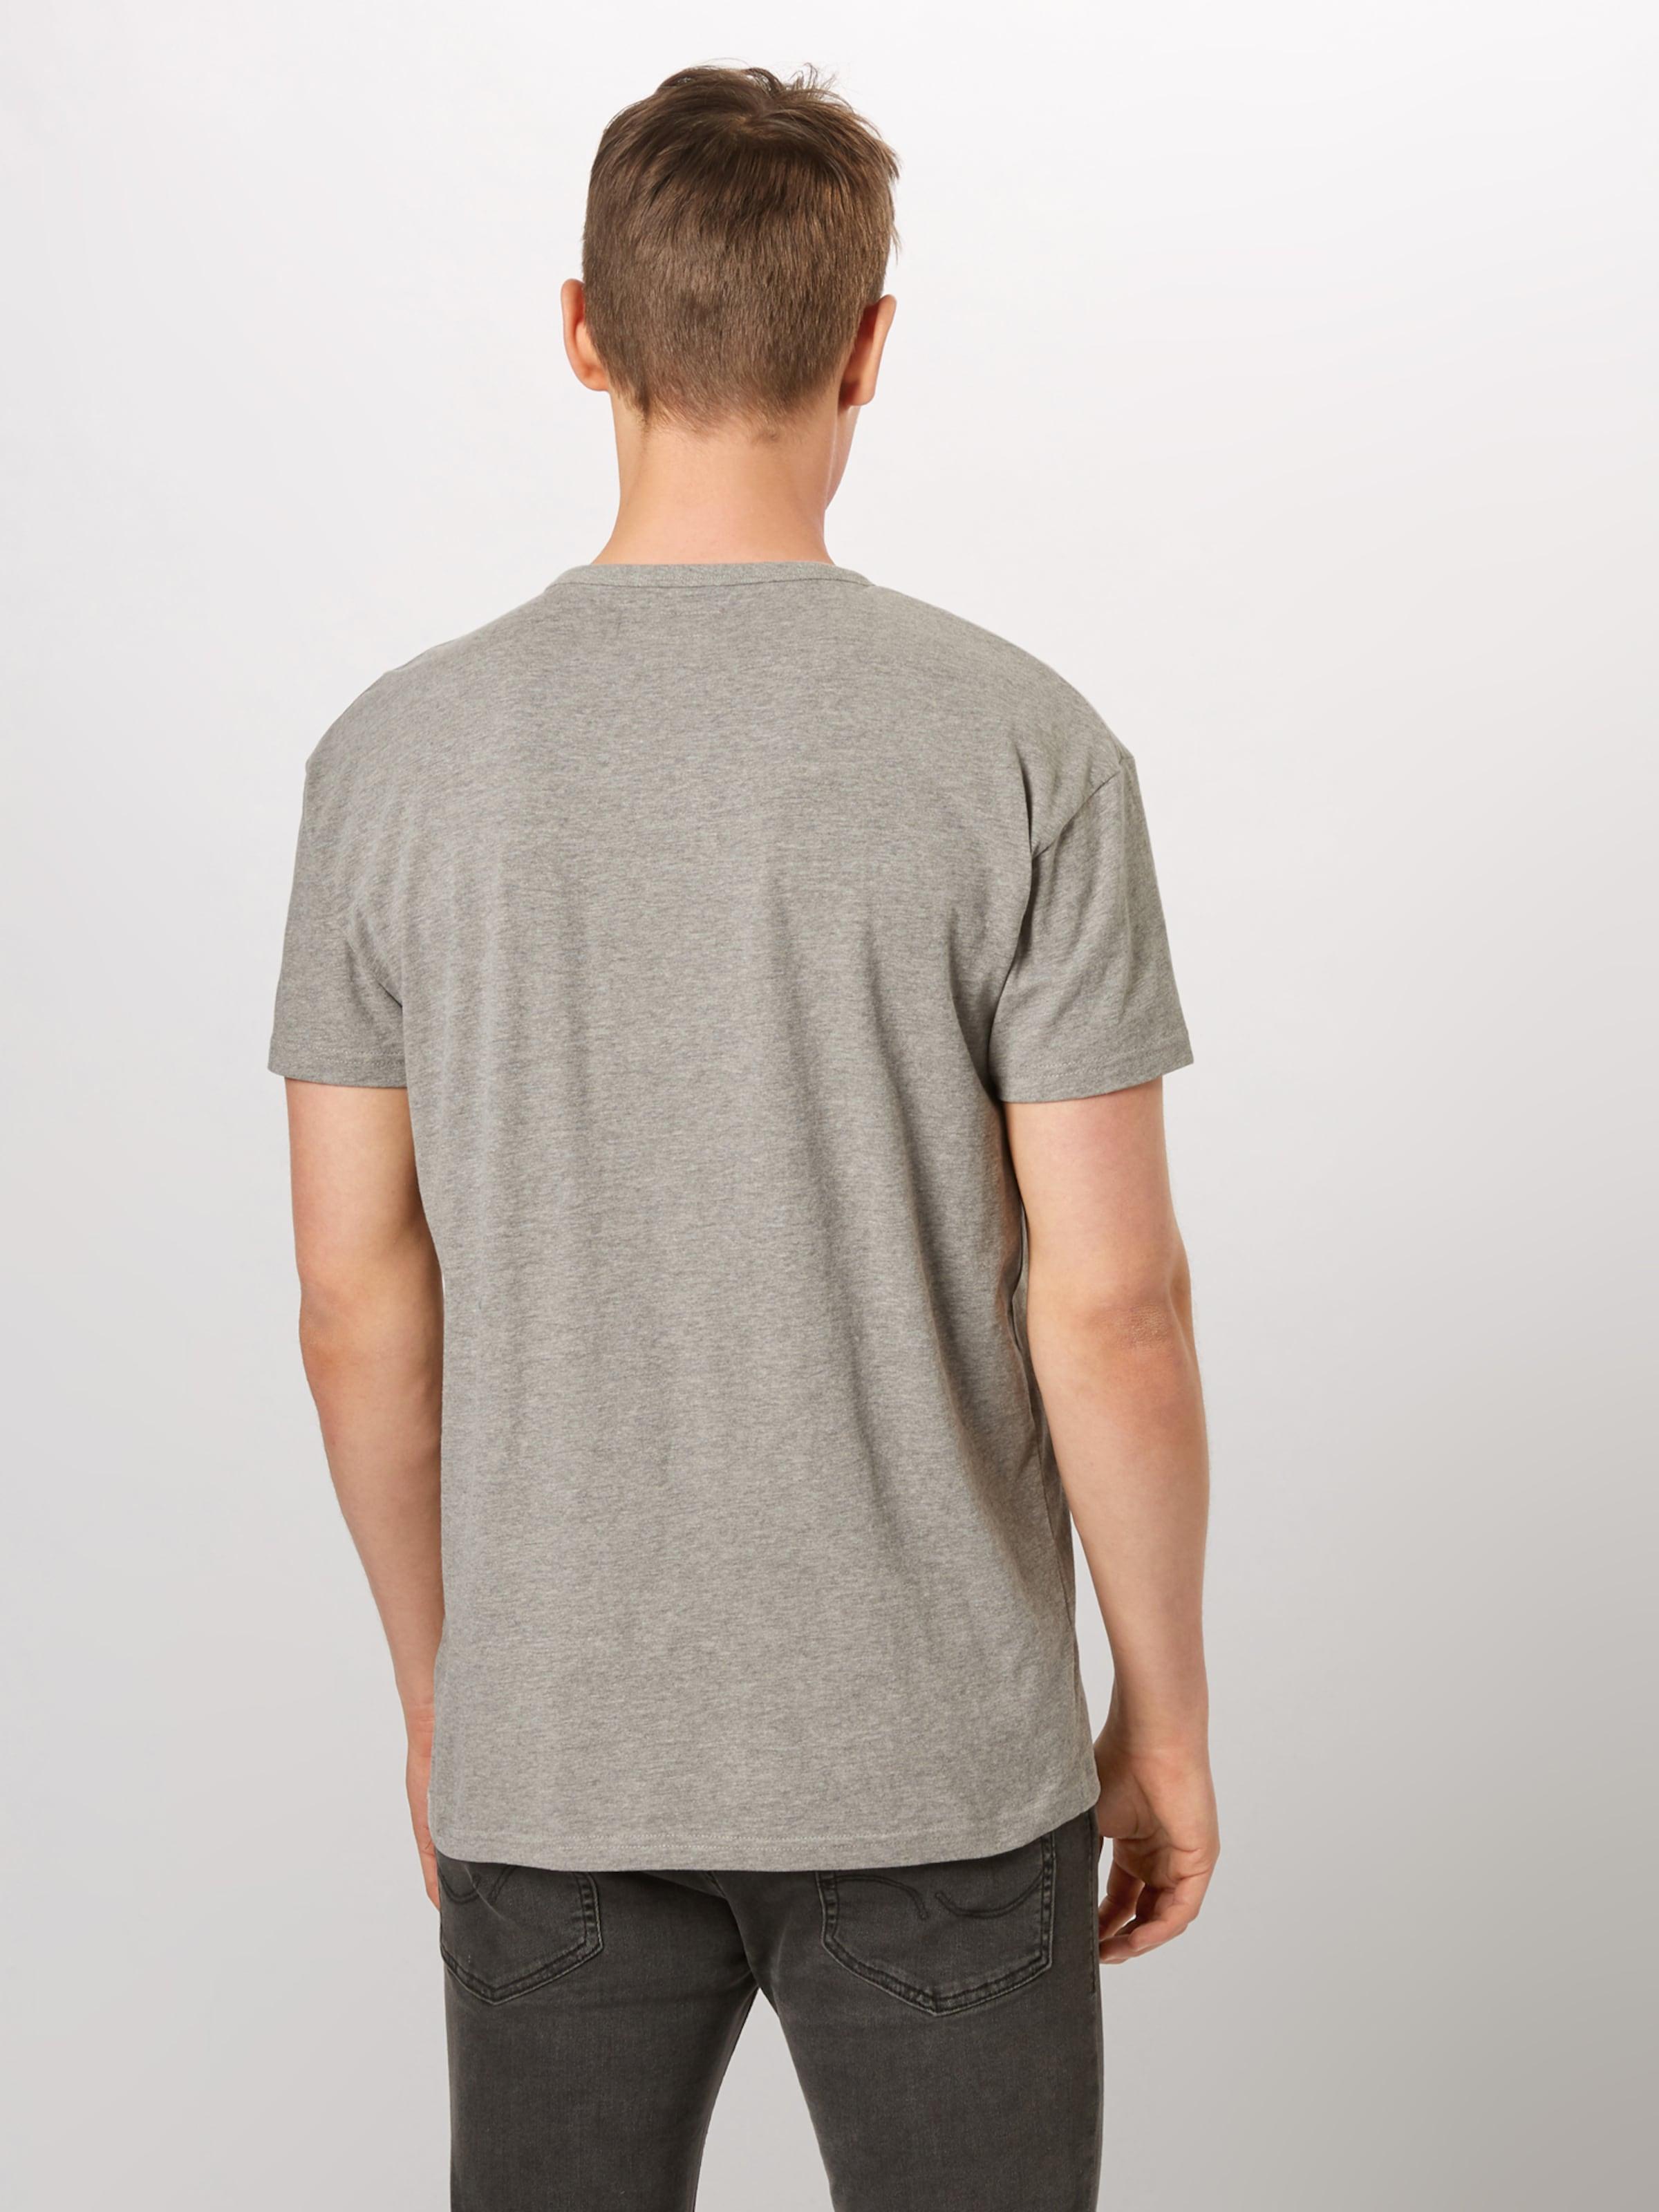 Gris shirt En T Derbe 'jf barsch' wOnPk80